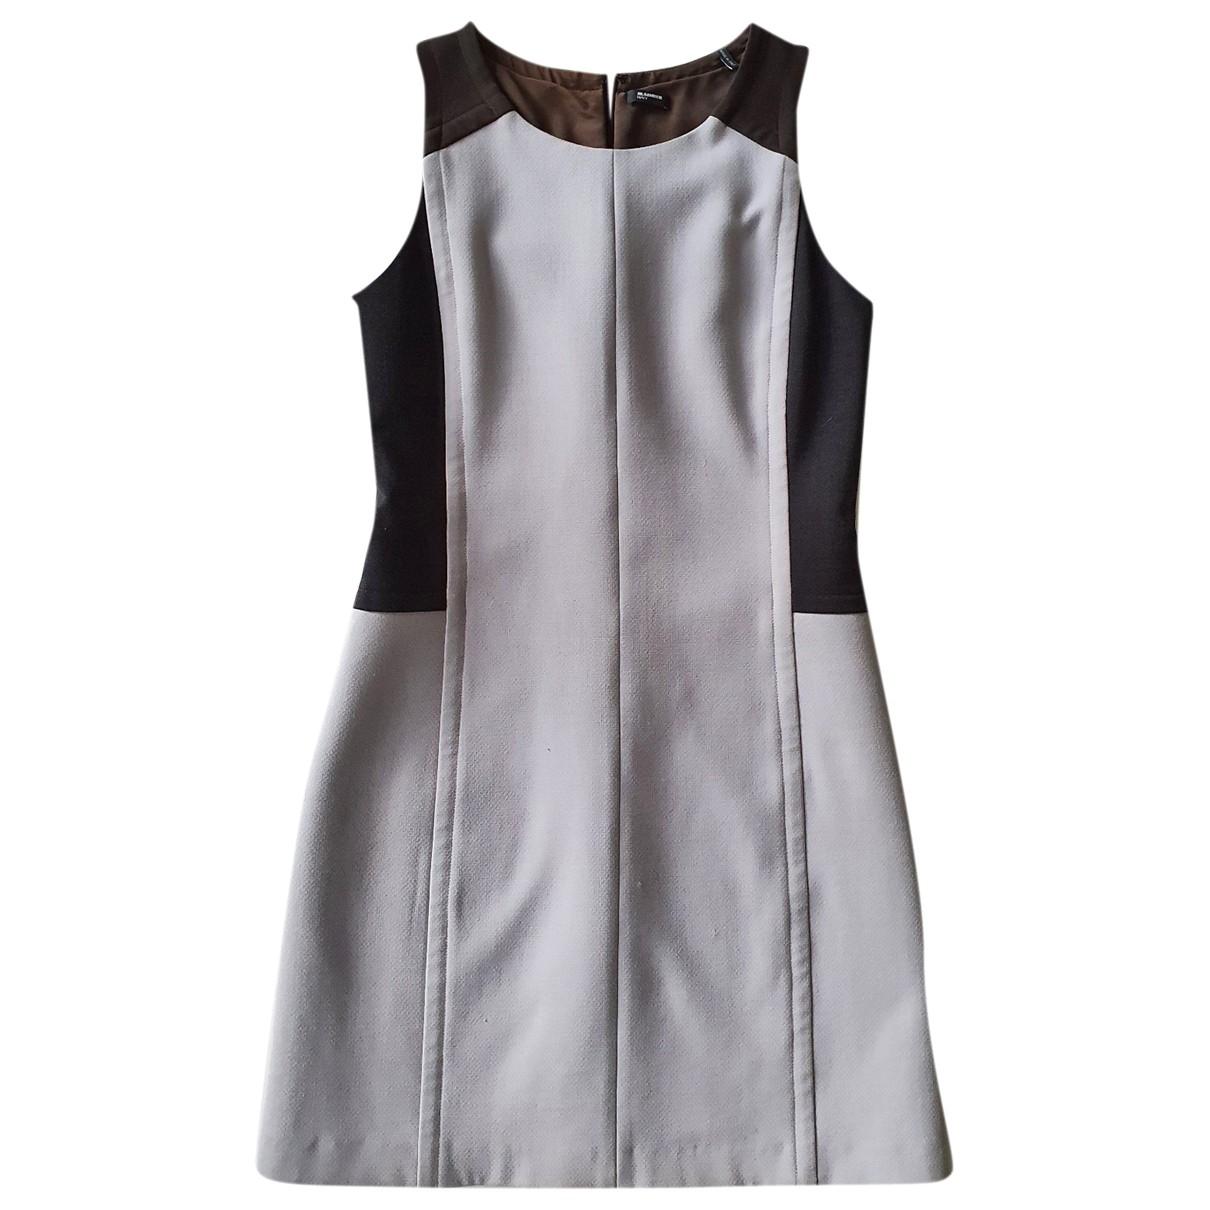 Jil Sander \N Grey Wool dress for Women 36 IT